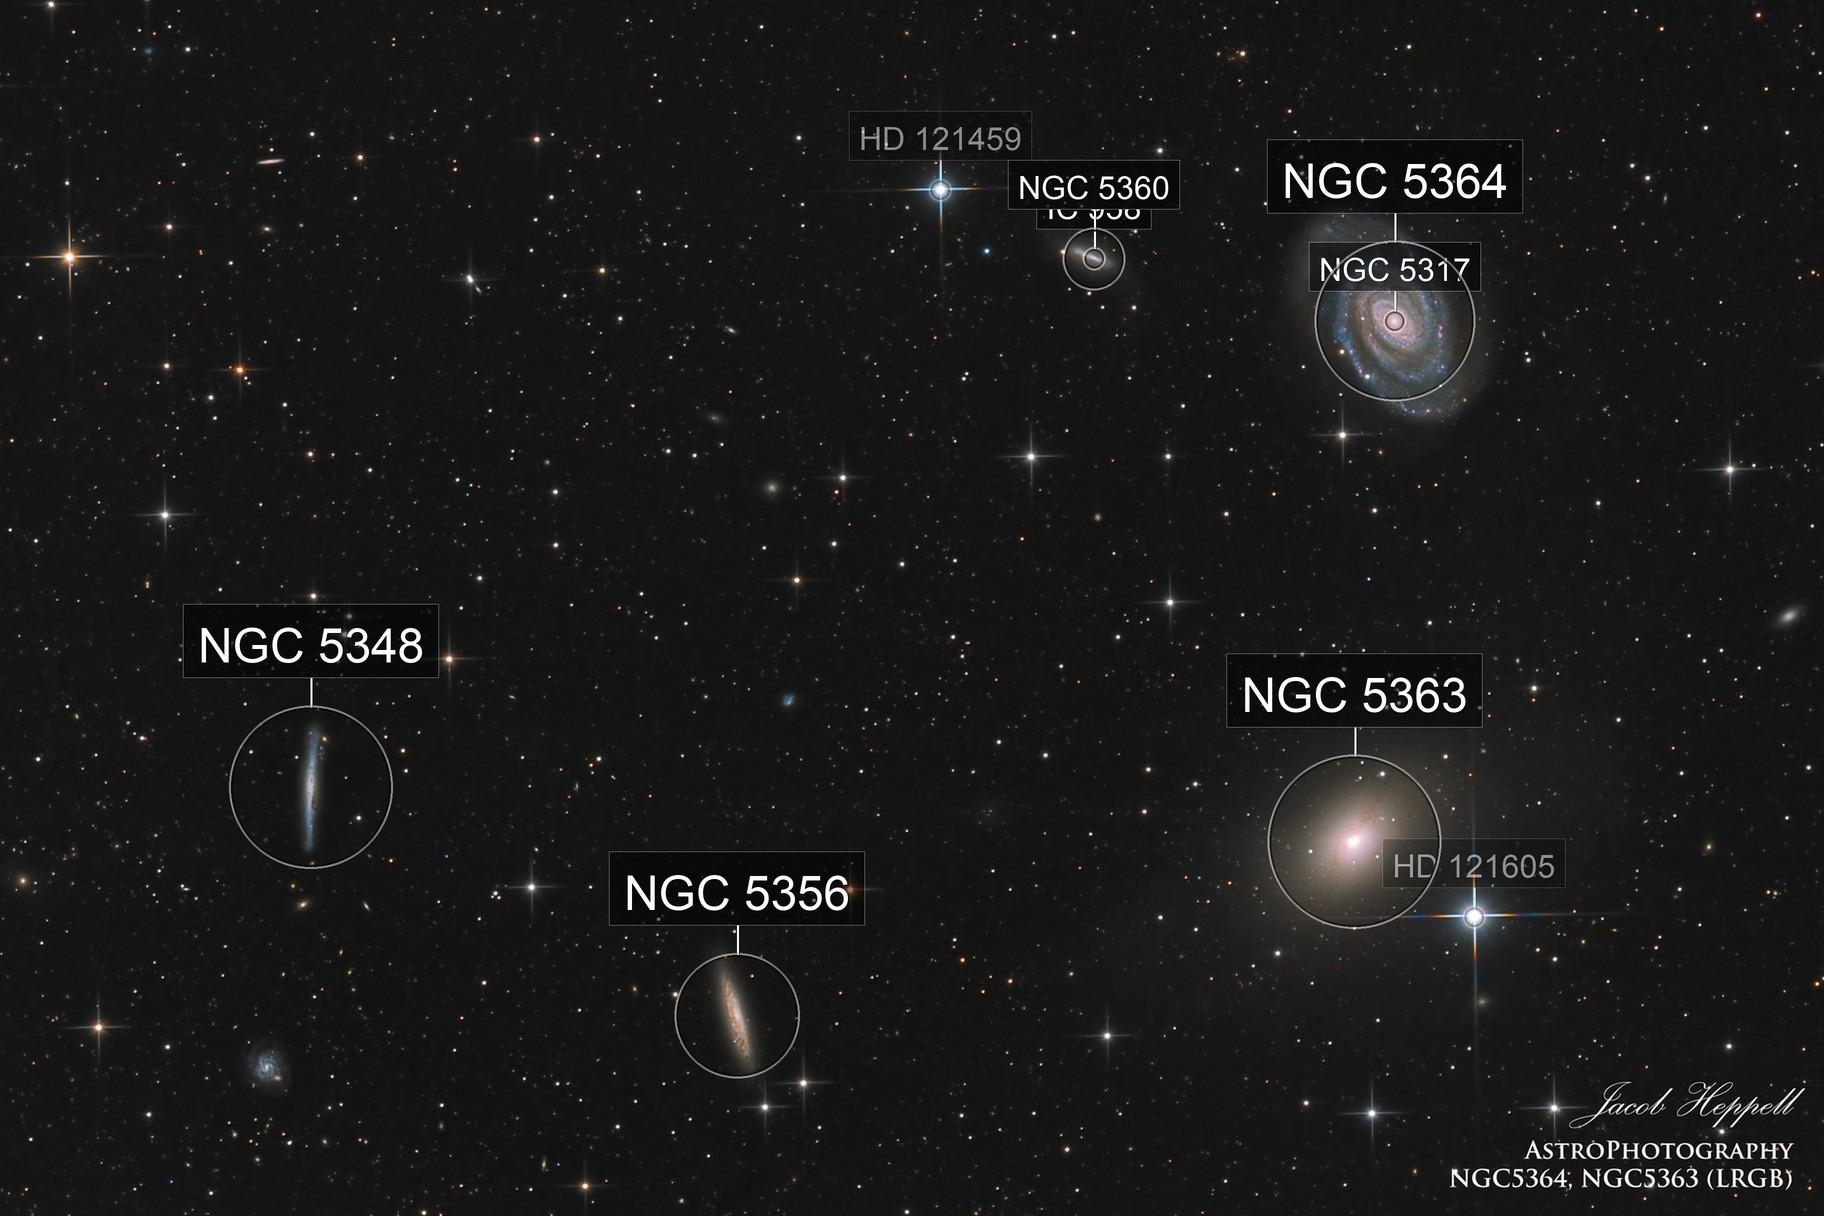 NGC5364, NGC5363, NGC5356, NGC5348